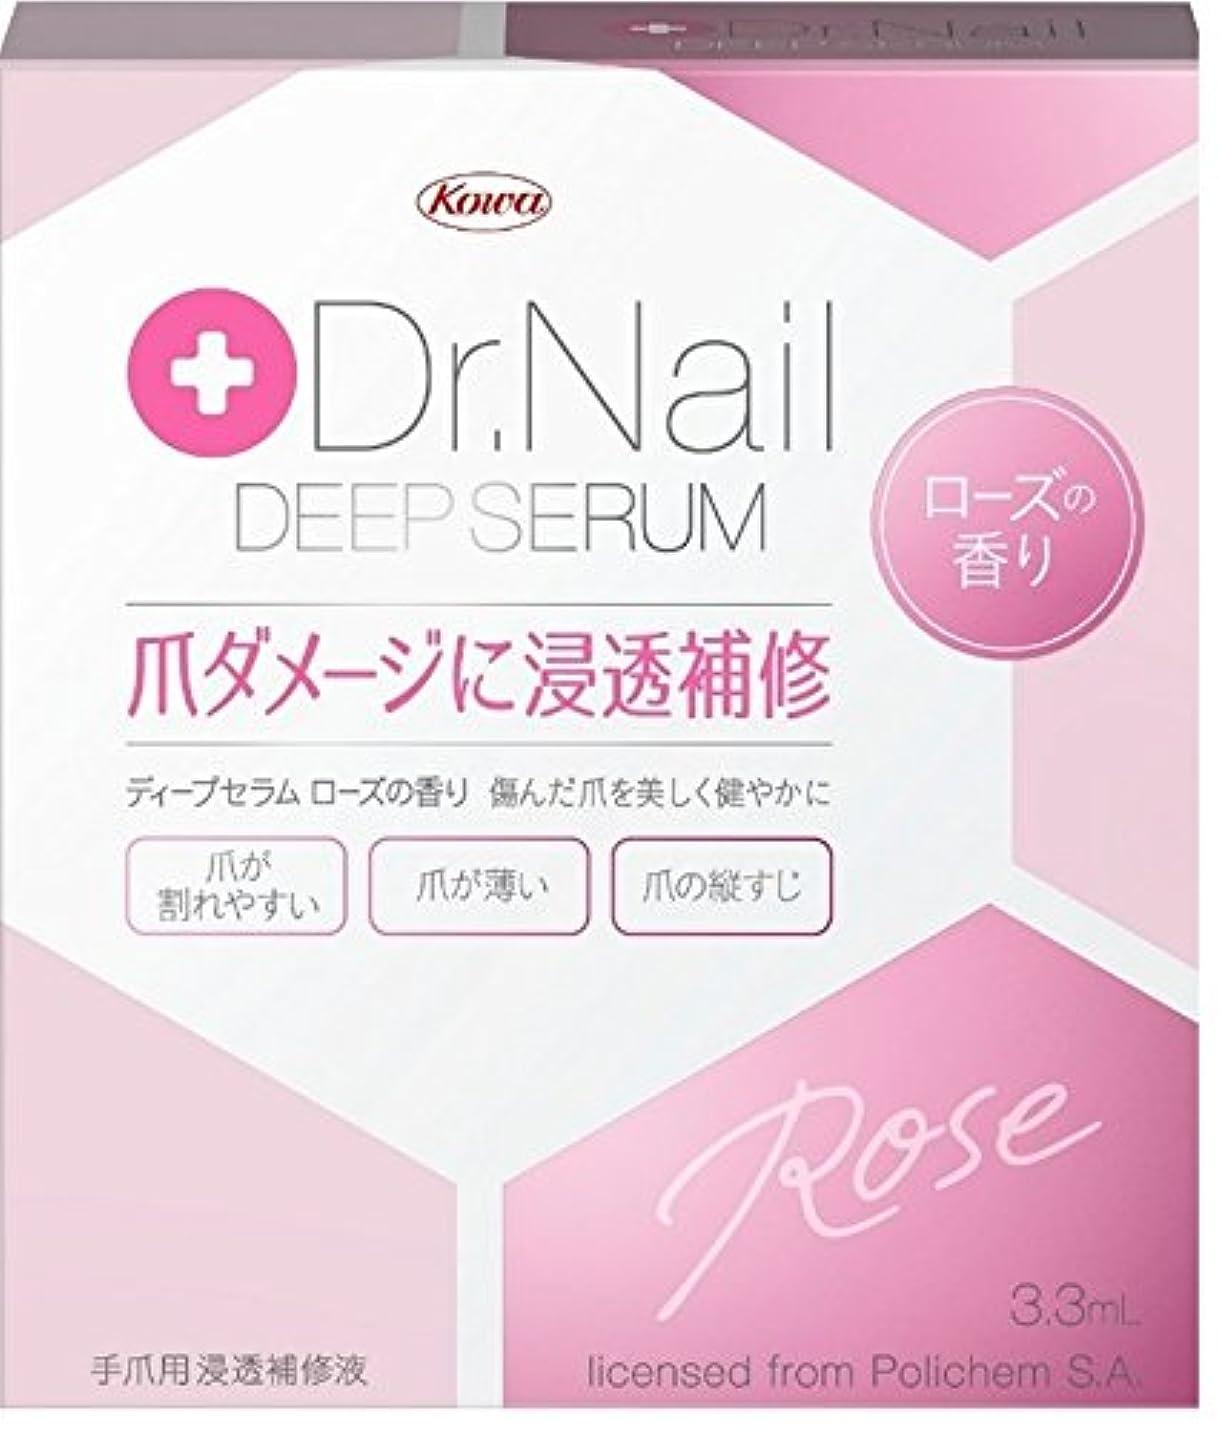 スチュワード入浴歯科医興和(コーワ) Dr.Nail DEEP SERUM ドクターネイル ディープセラム 3.3ml ローズの香り